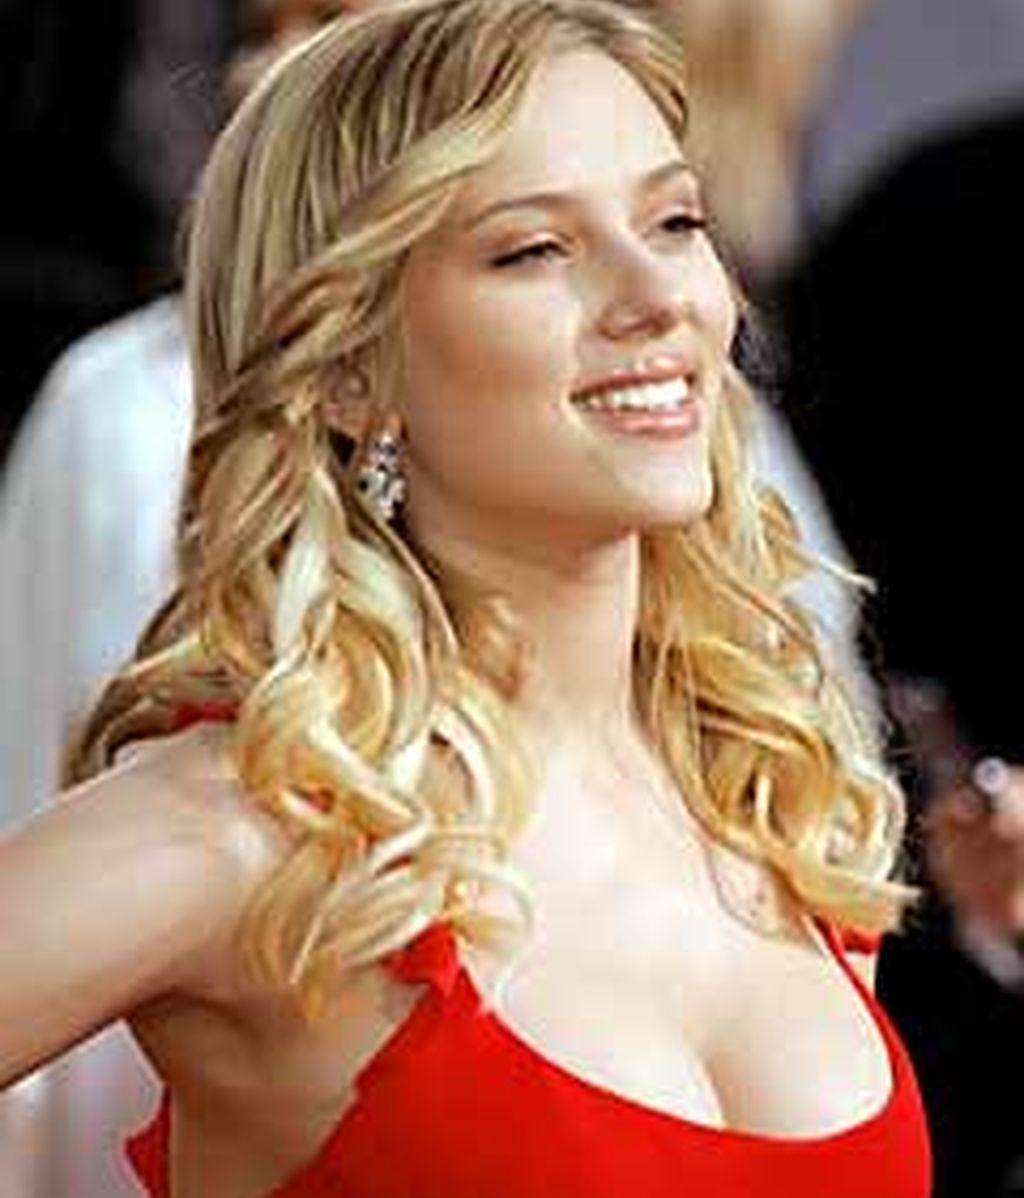 La actriz ya ha bajado seis kilos y está siguiendo el método de Gwyneth Paltrow. Foto de archivo